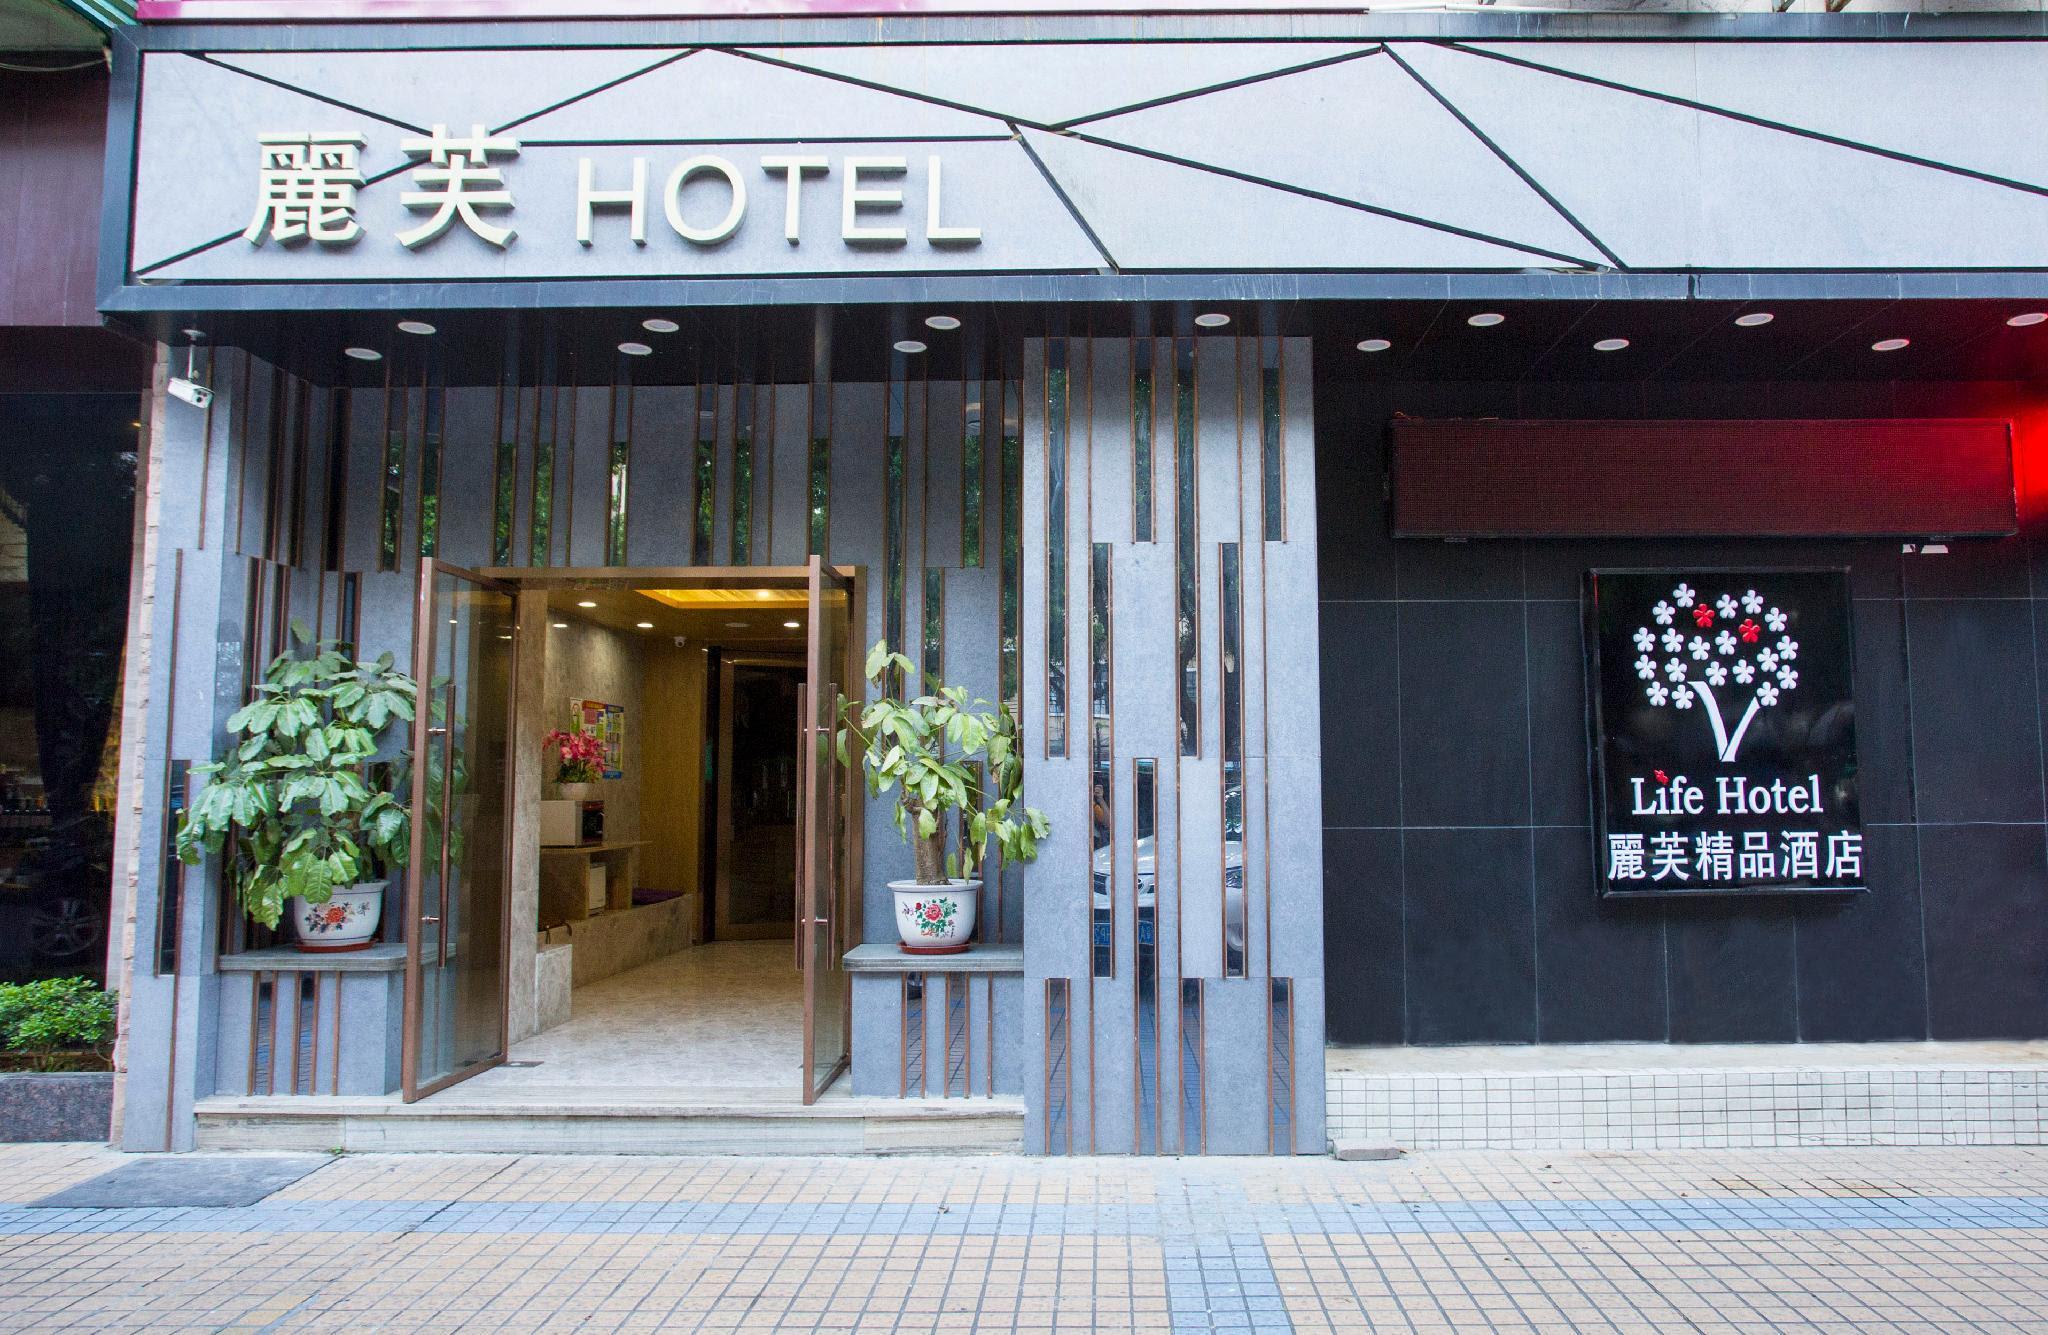 Lifu Hotel Kecun Metro Station Canton Tower Guangzhou Reviews